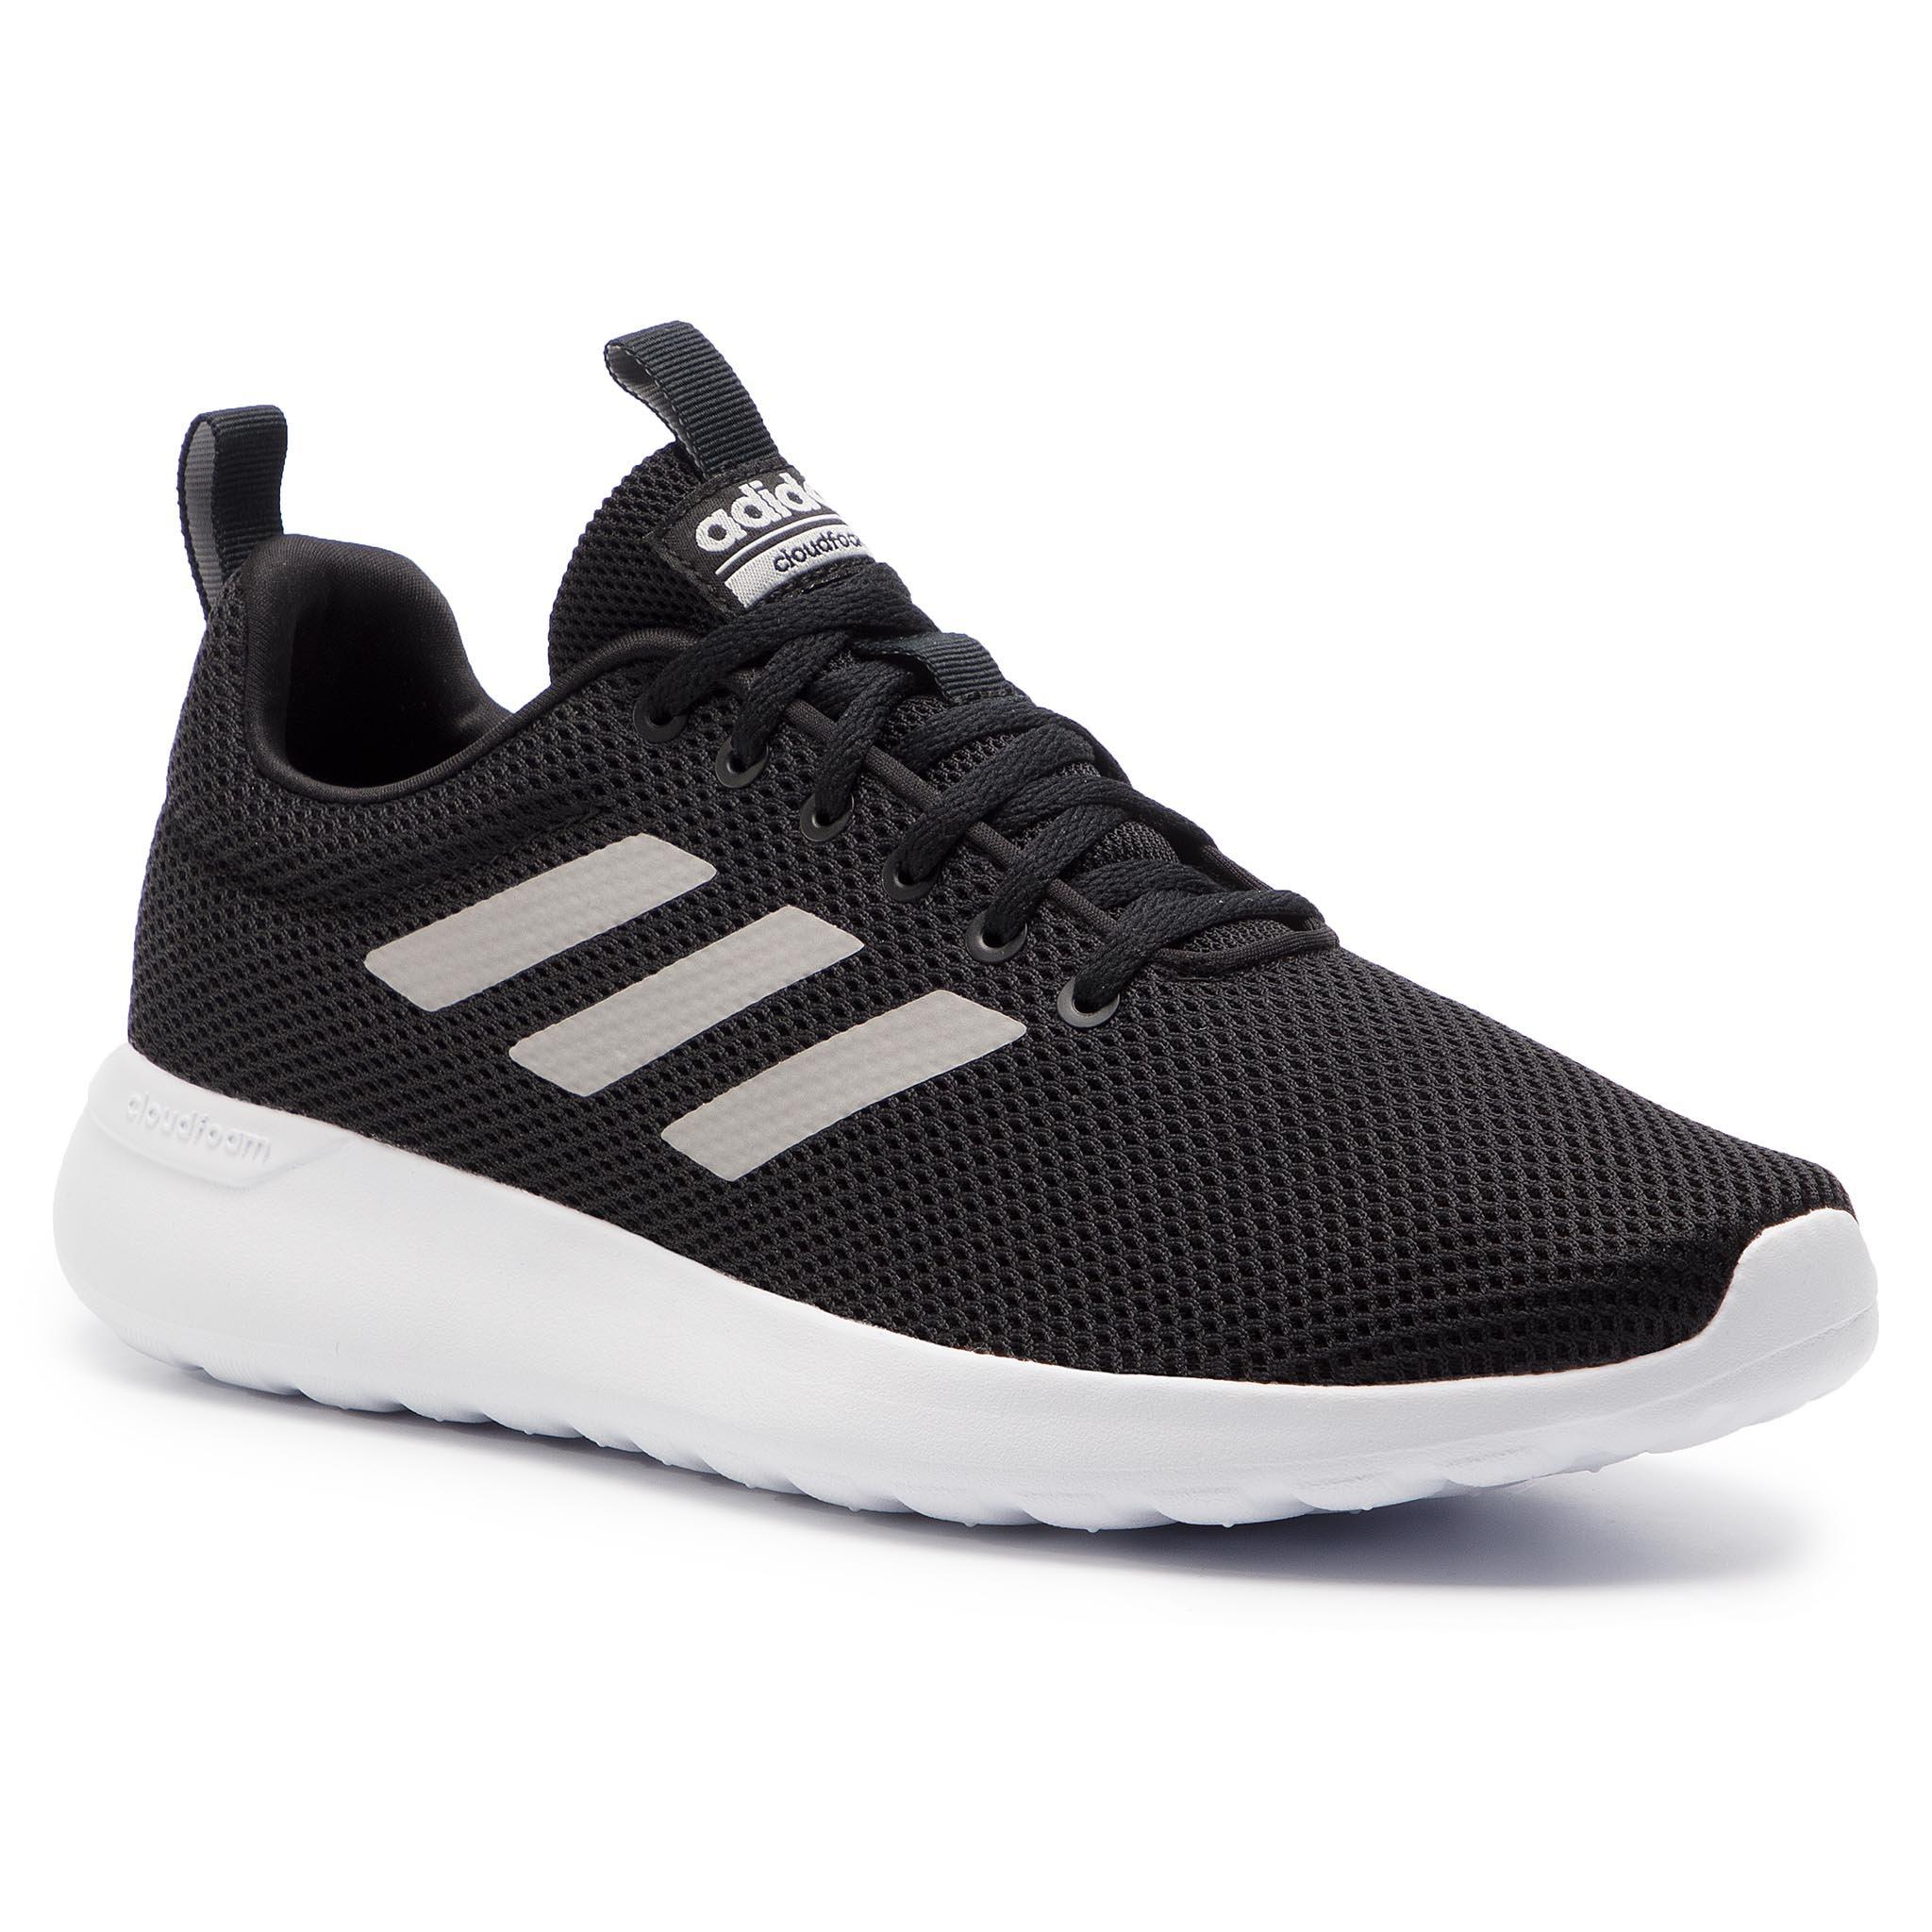 Rekreačná obuv Adidas B96567 LITE RACER CLN čierna Pánske - https   ccc.eu 2750fc7d4ba